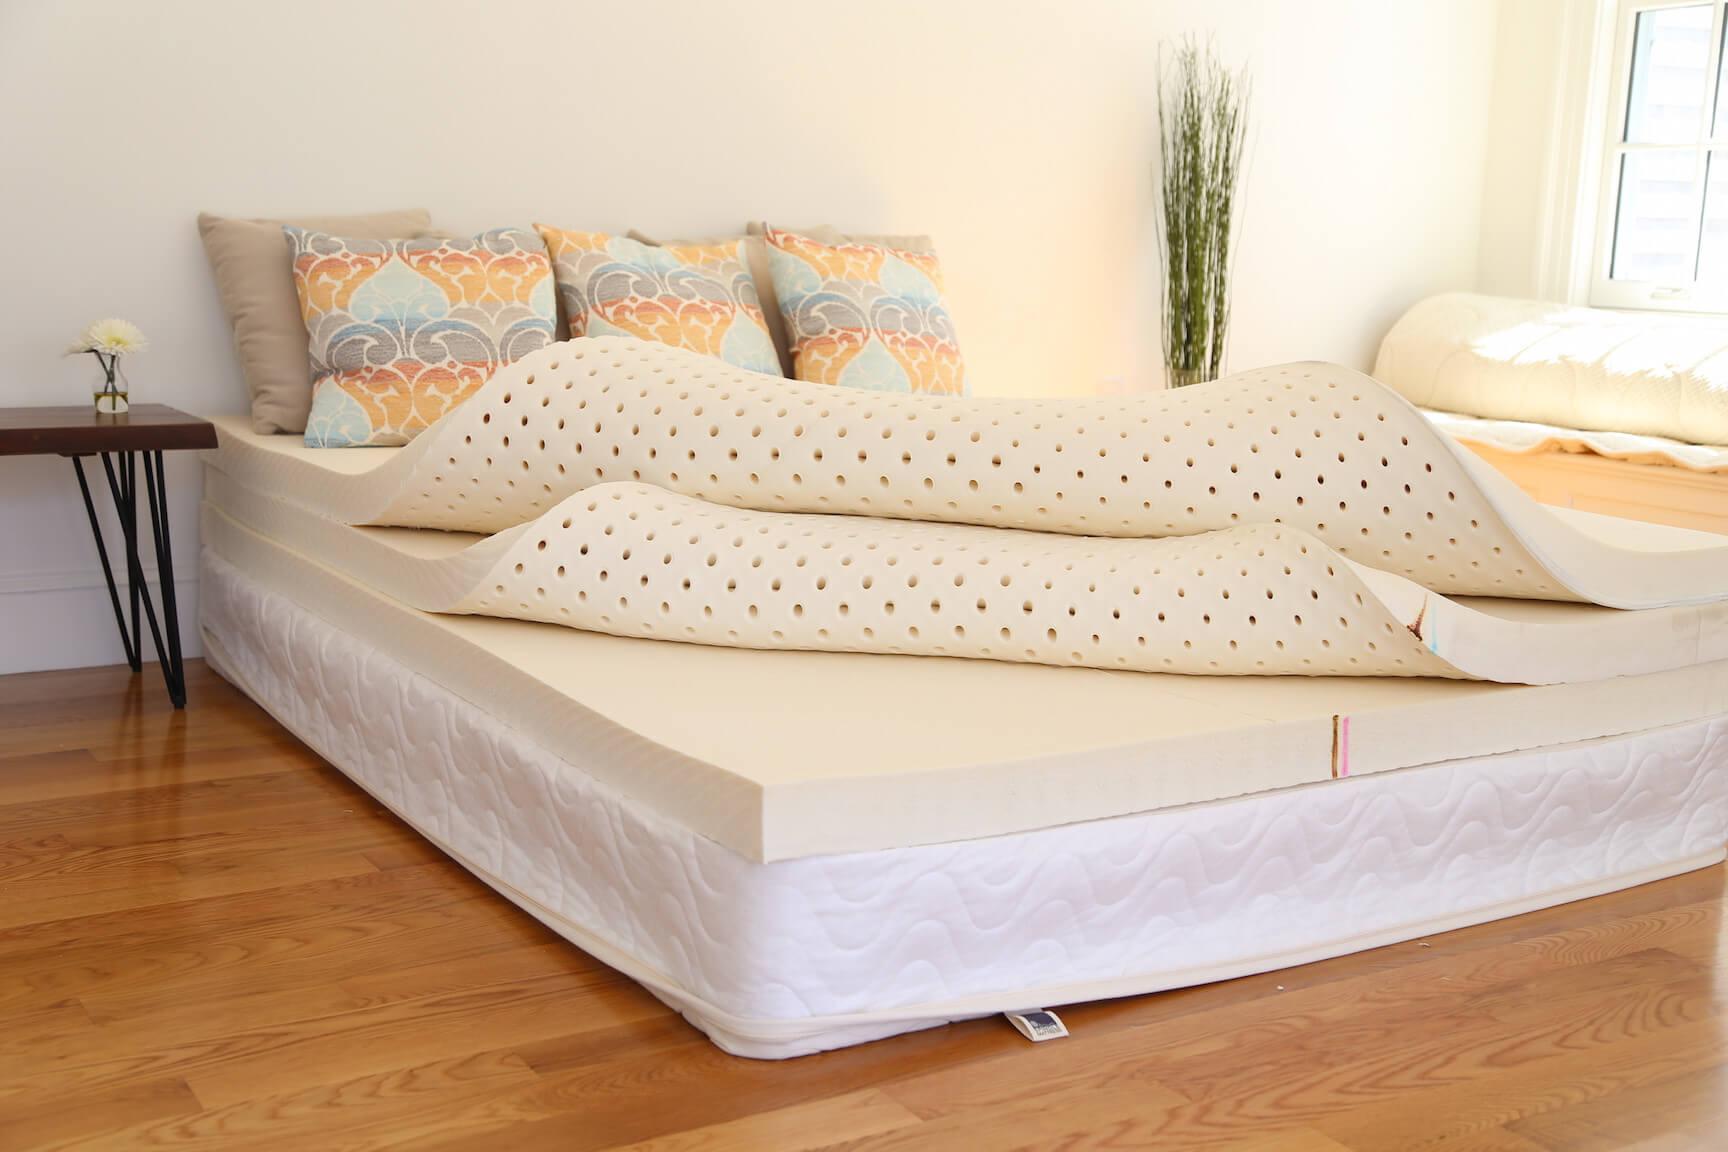 Spindle Mattress Review - All natural latex foam mattress - girl on the mattress